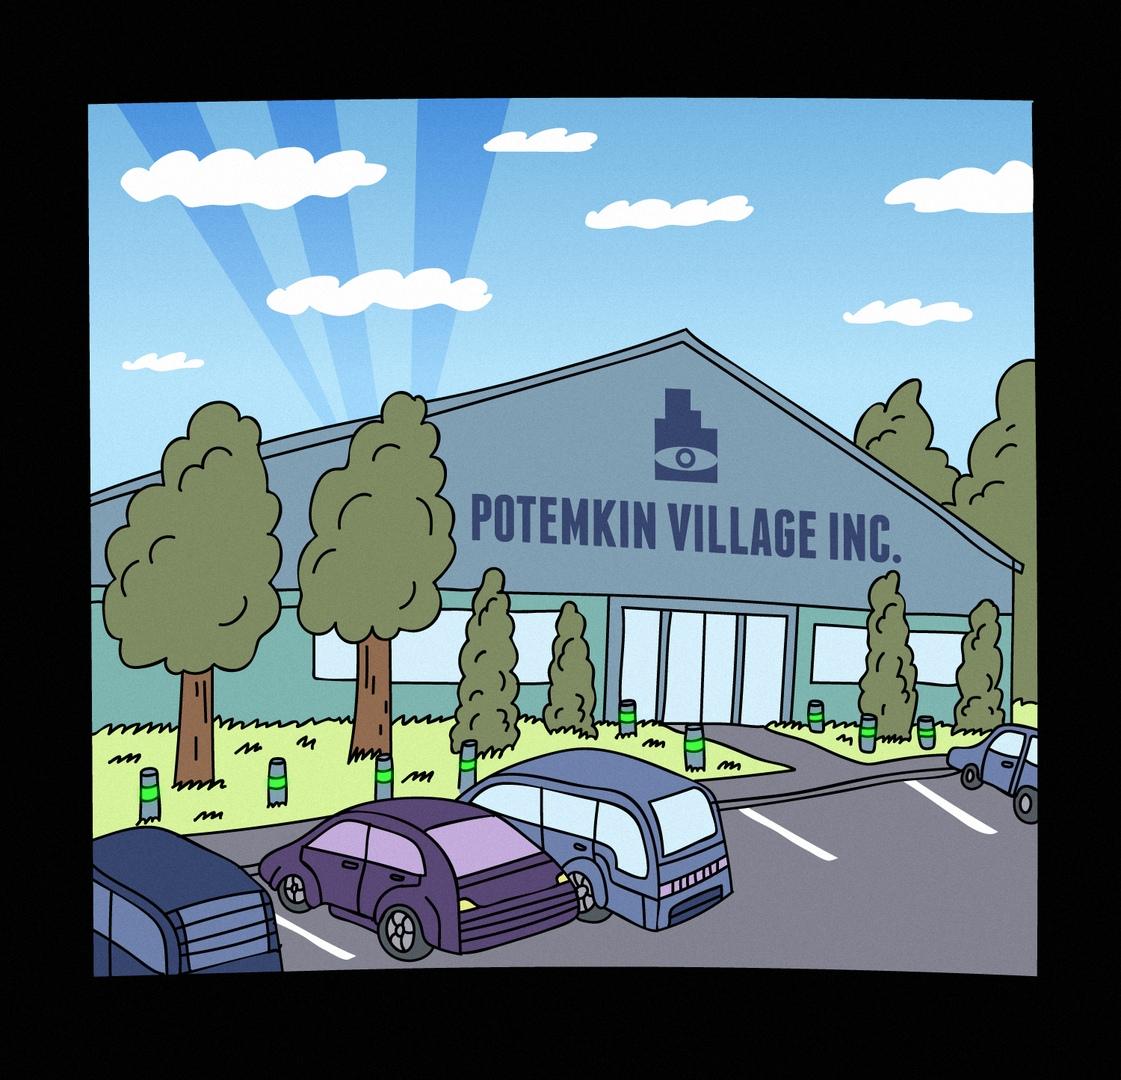 Potemkin village inc.